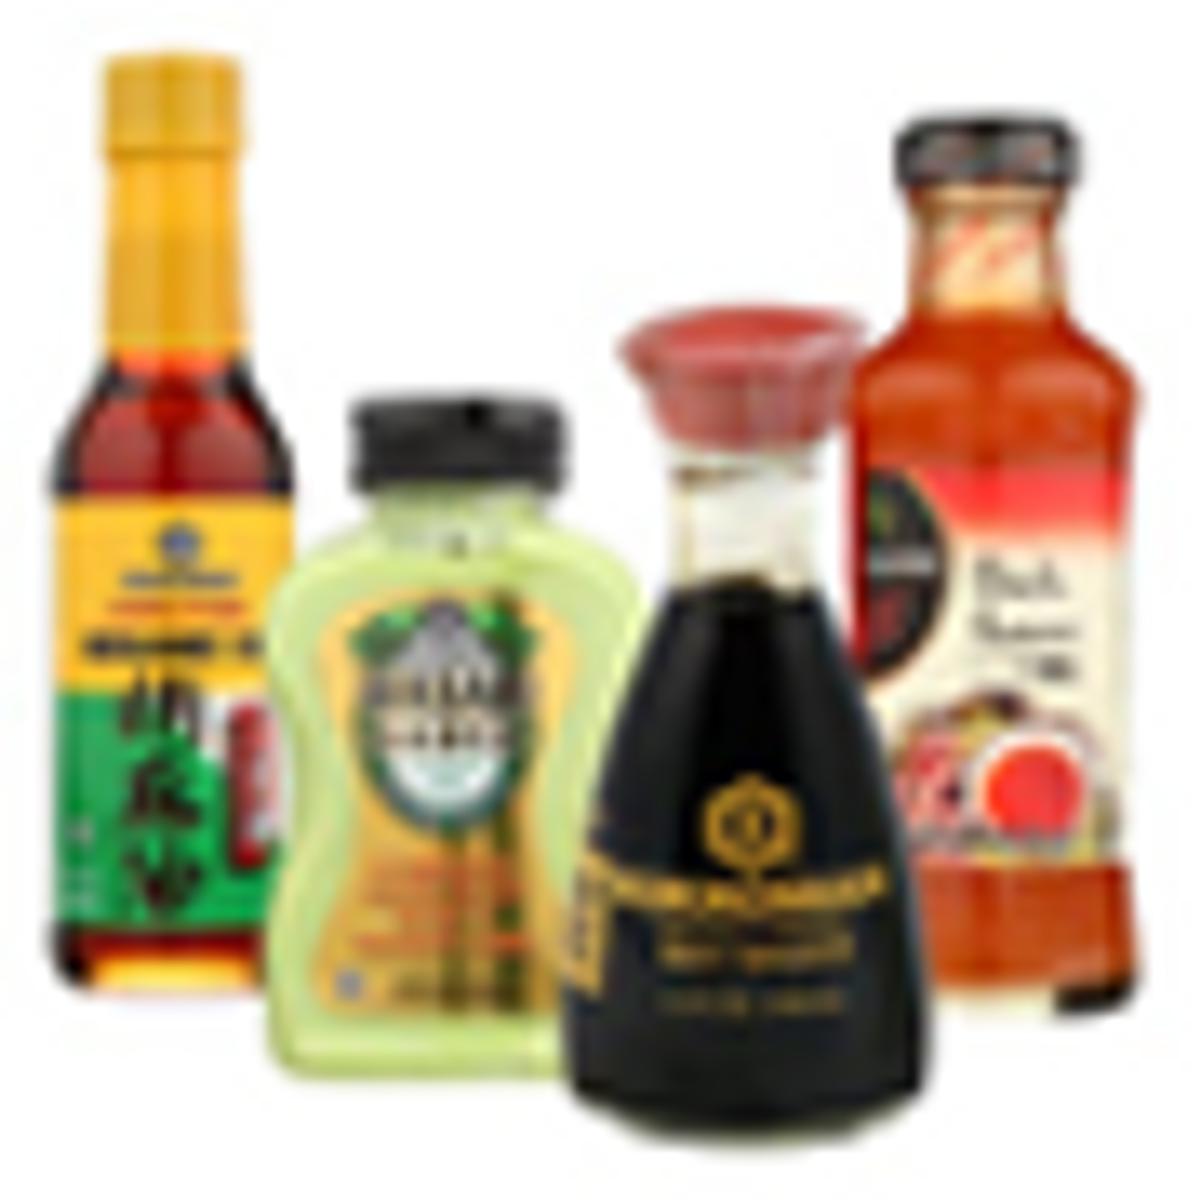 Asian Sauces & Food